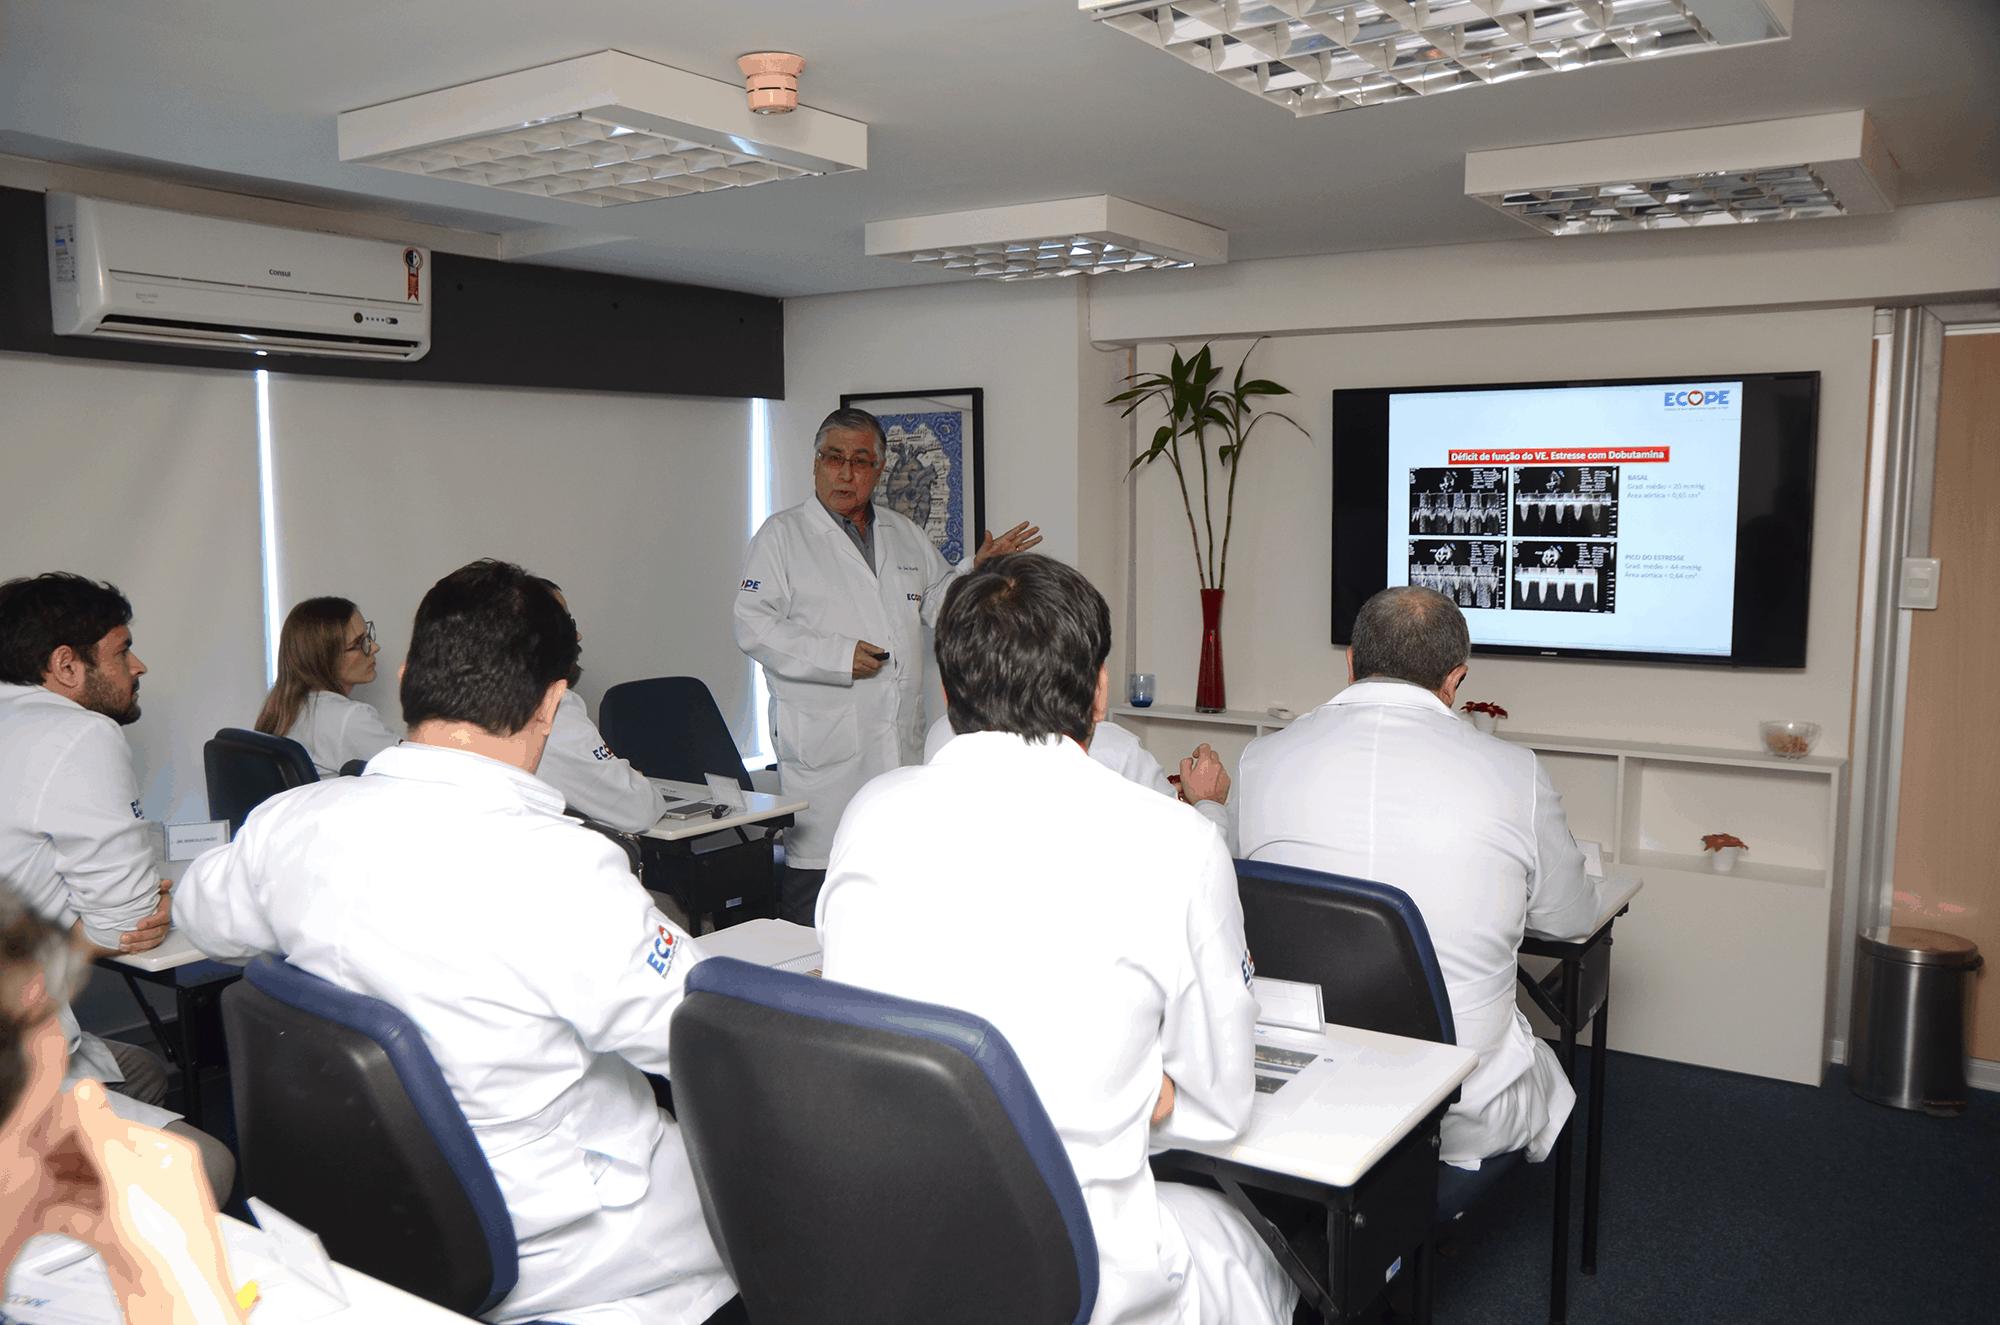 Escola de Ecografia de Pernambuco lança curso para prova de título e atualização